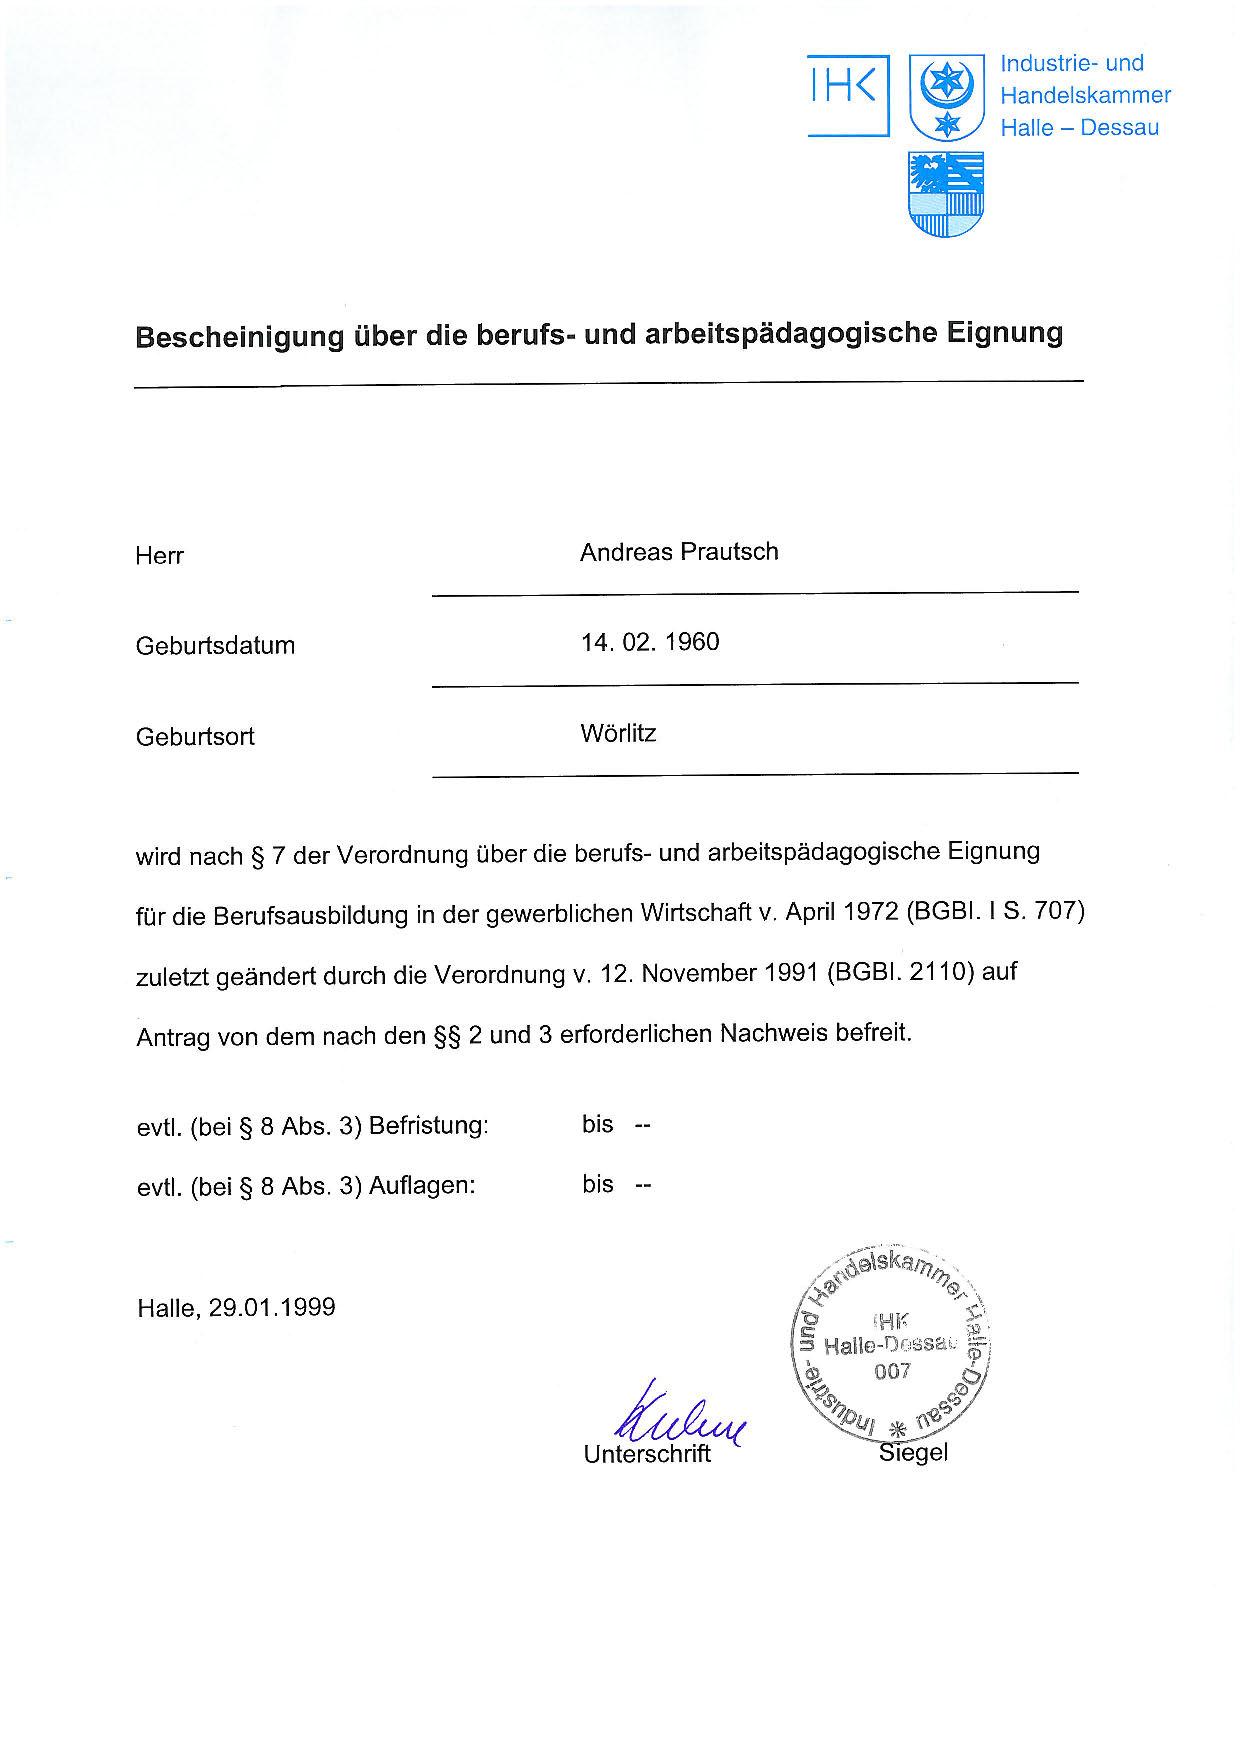 Ausbilder laut Ausbildereignungsverordnung (AEVO)